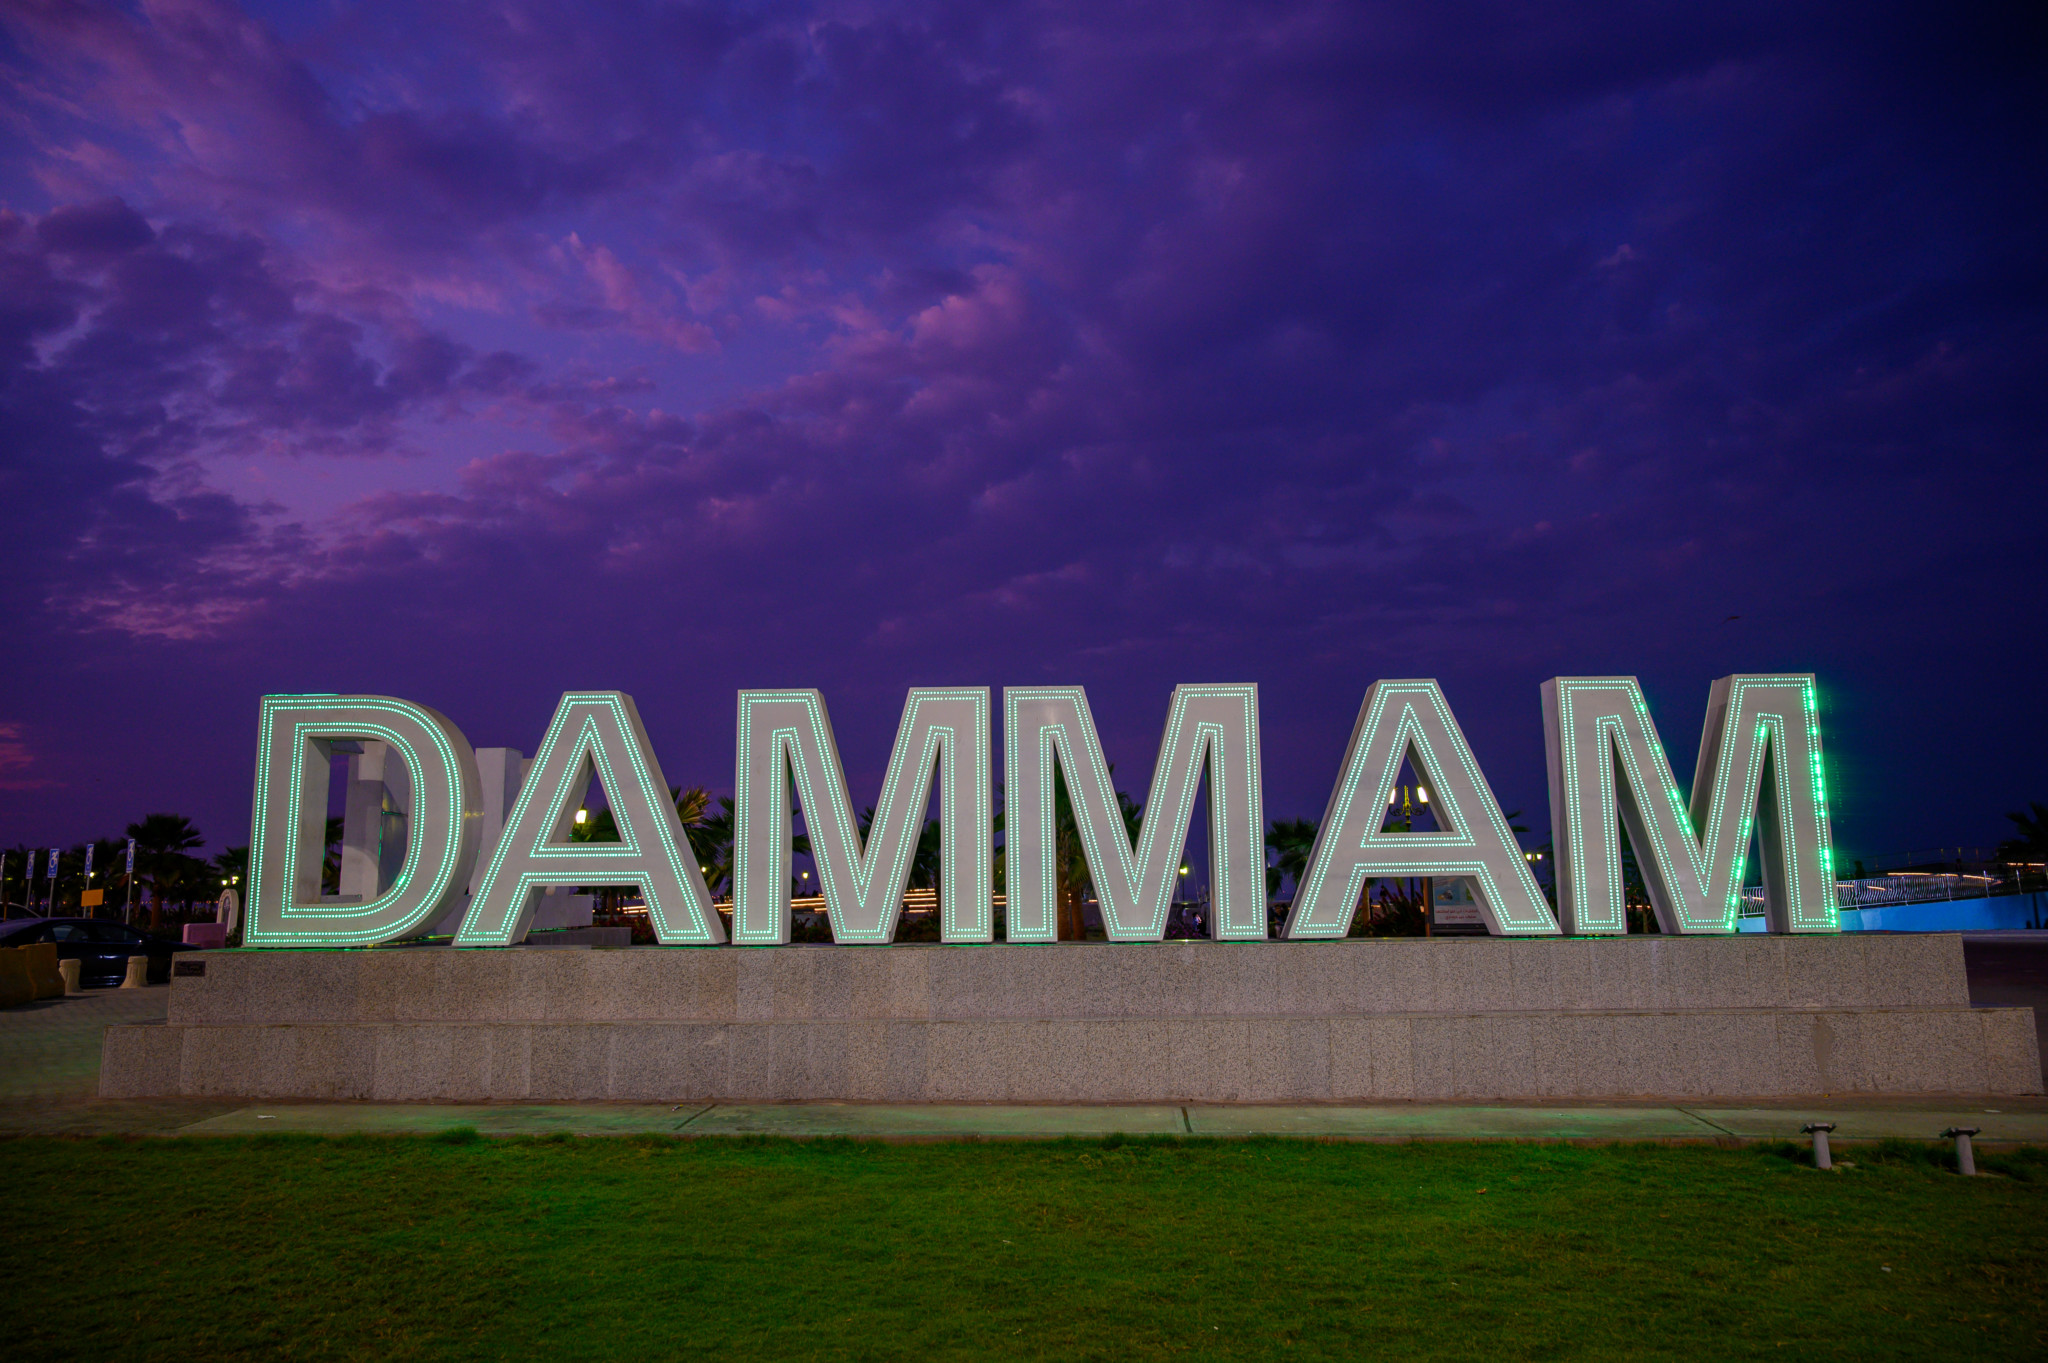 Die berühmteste Sehenswürdigkeit in Dammam ist das Dammam Sign